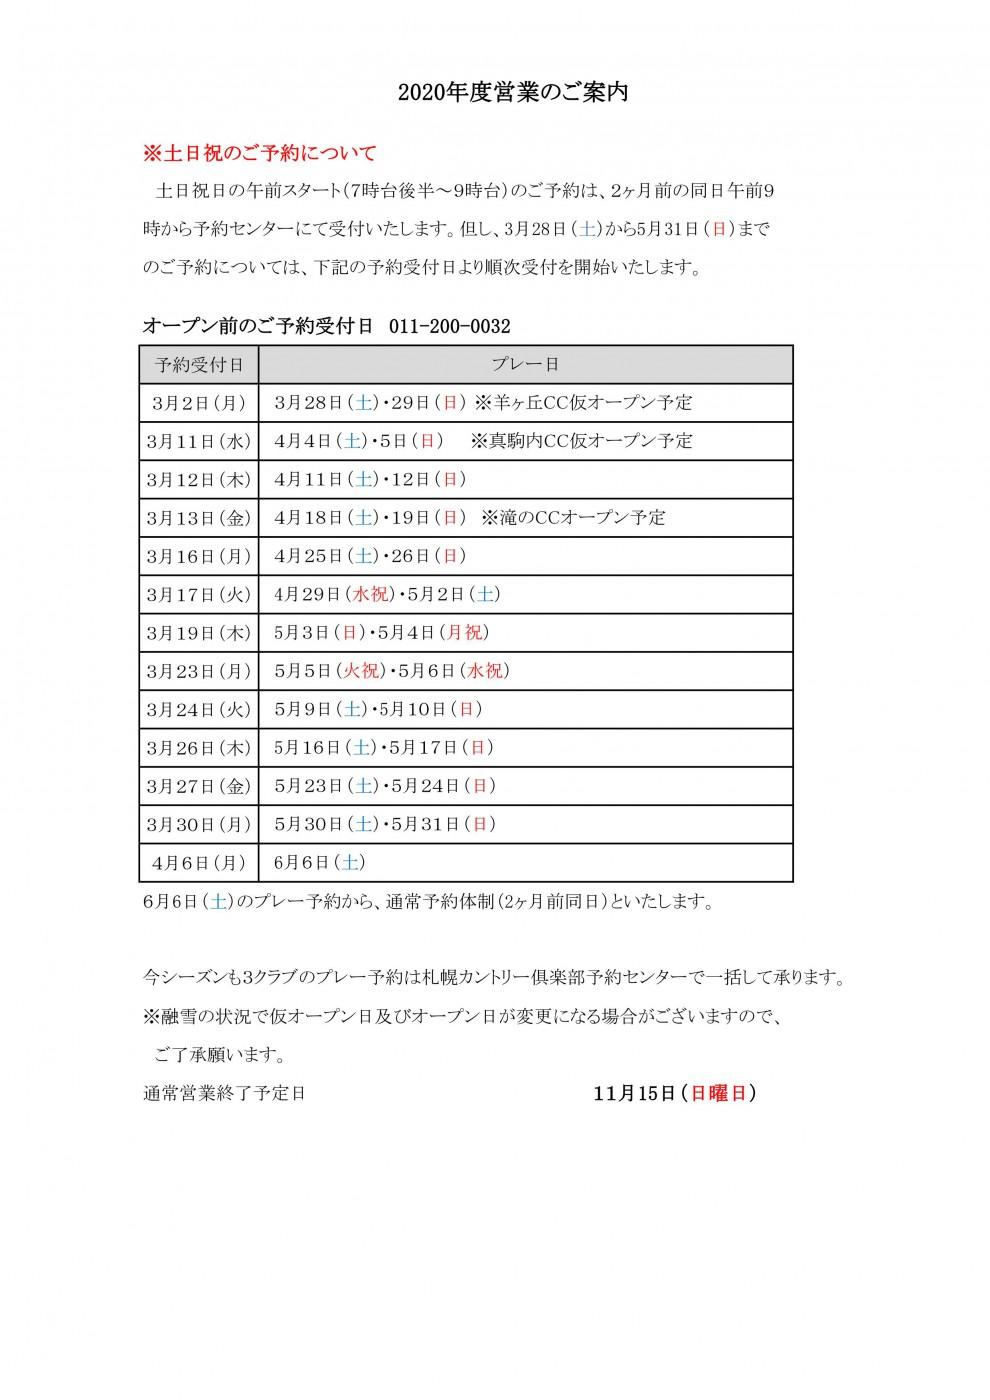 ■2/13UP 土日祝のご予約について